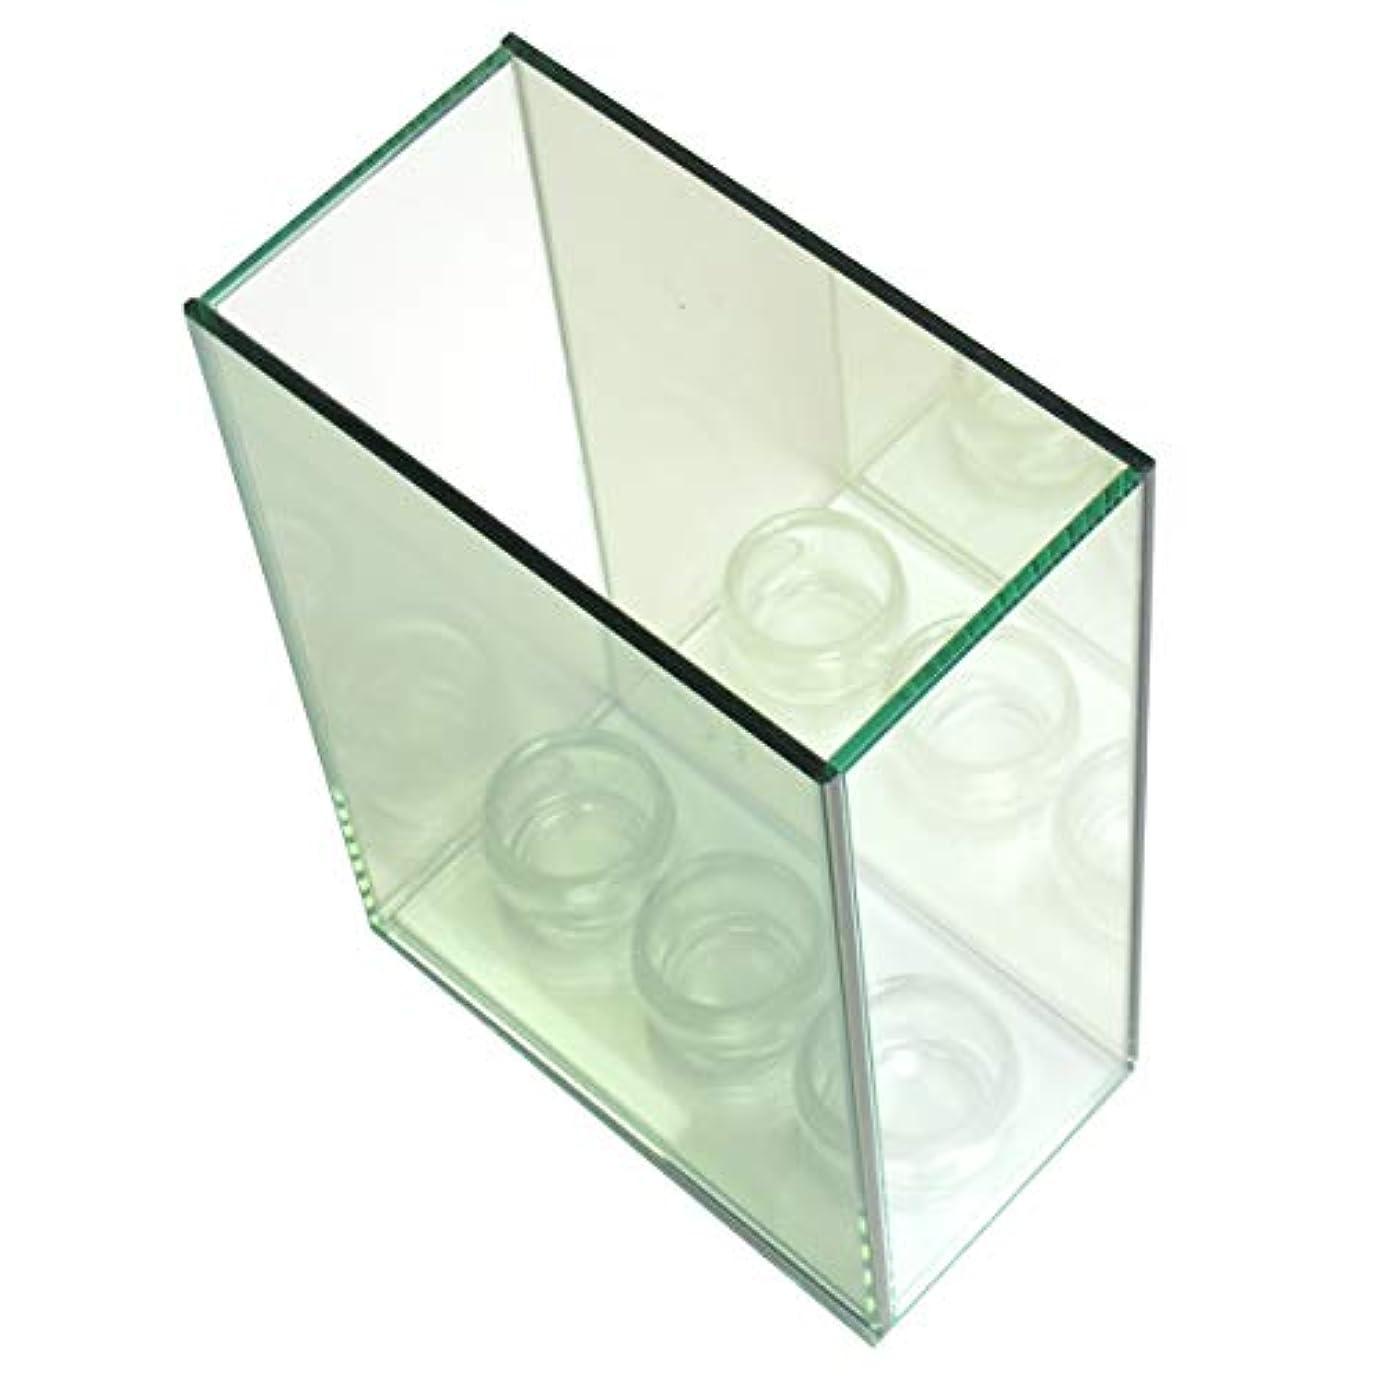 無限連鎖キャンドルホルダー 3連 ガラス キャンドルスタンド ランタン 誕生日 ティーライトキャンドル